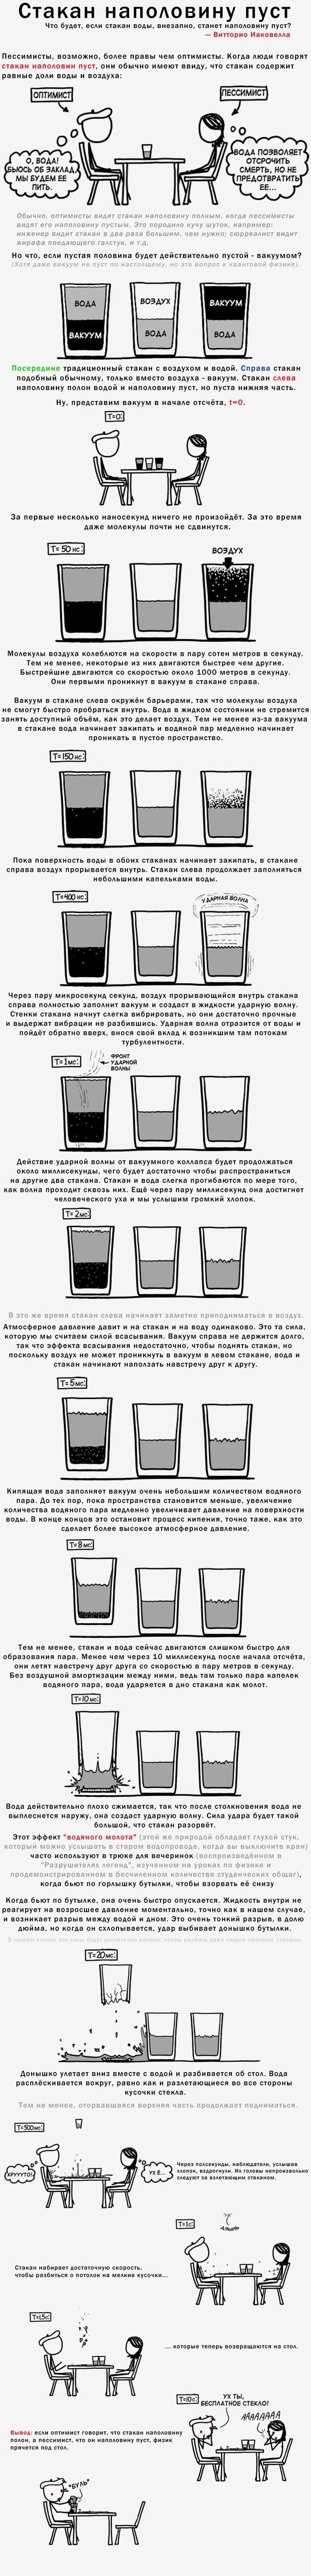 Чем отличаются пессимисты и оптимисты (1 картинка)